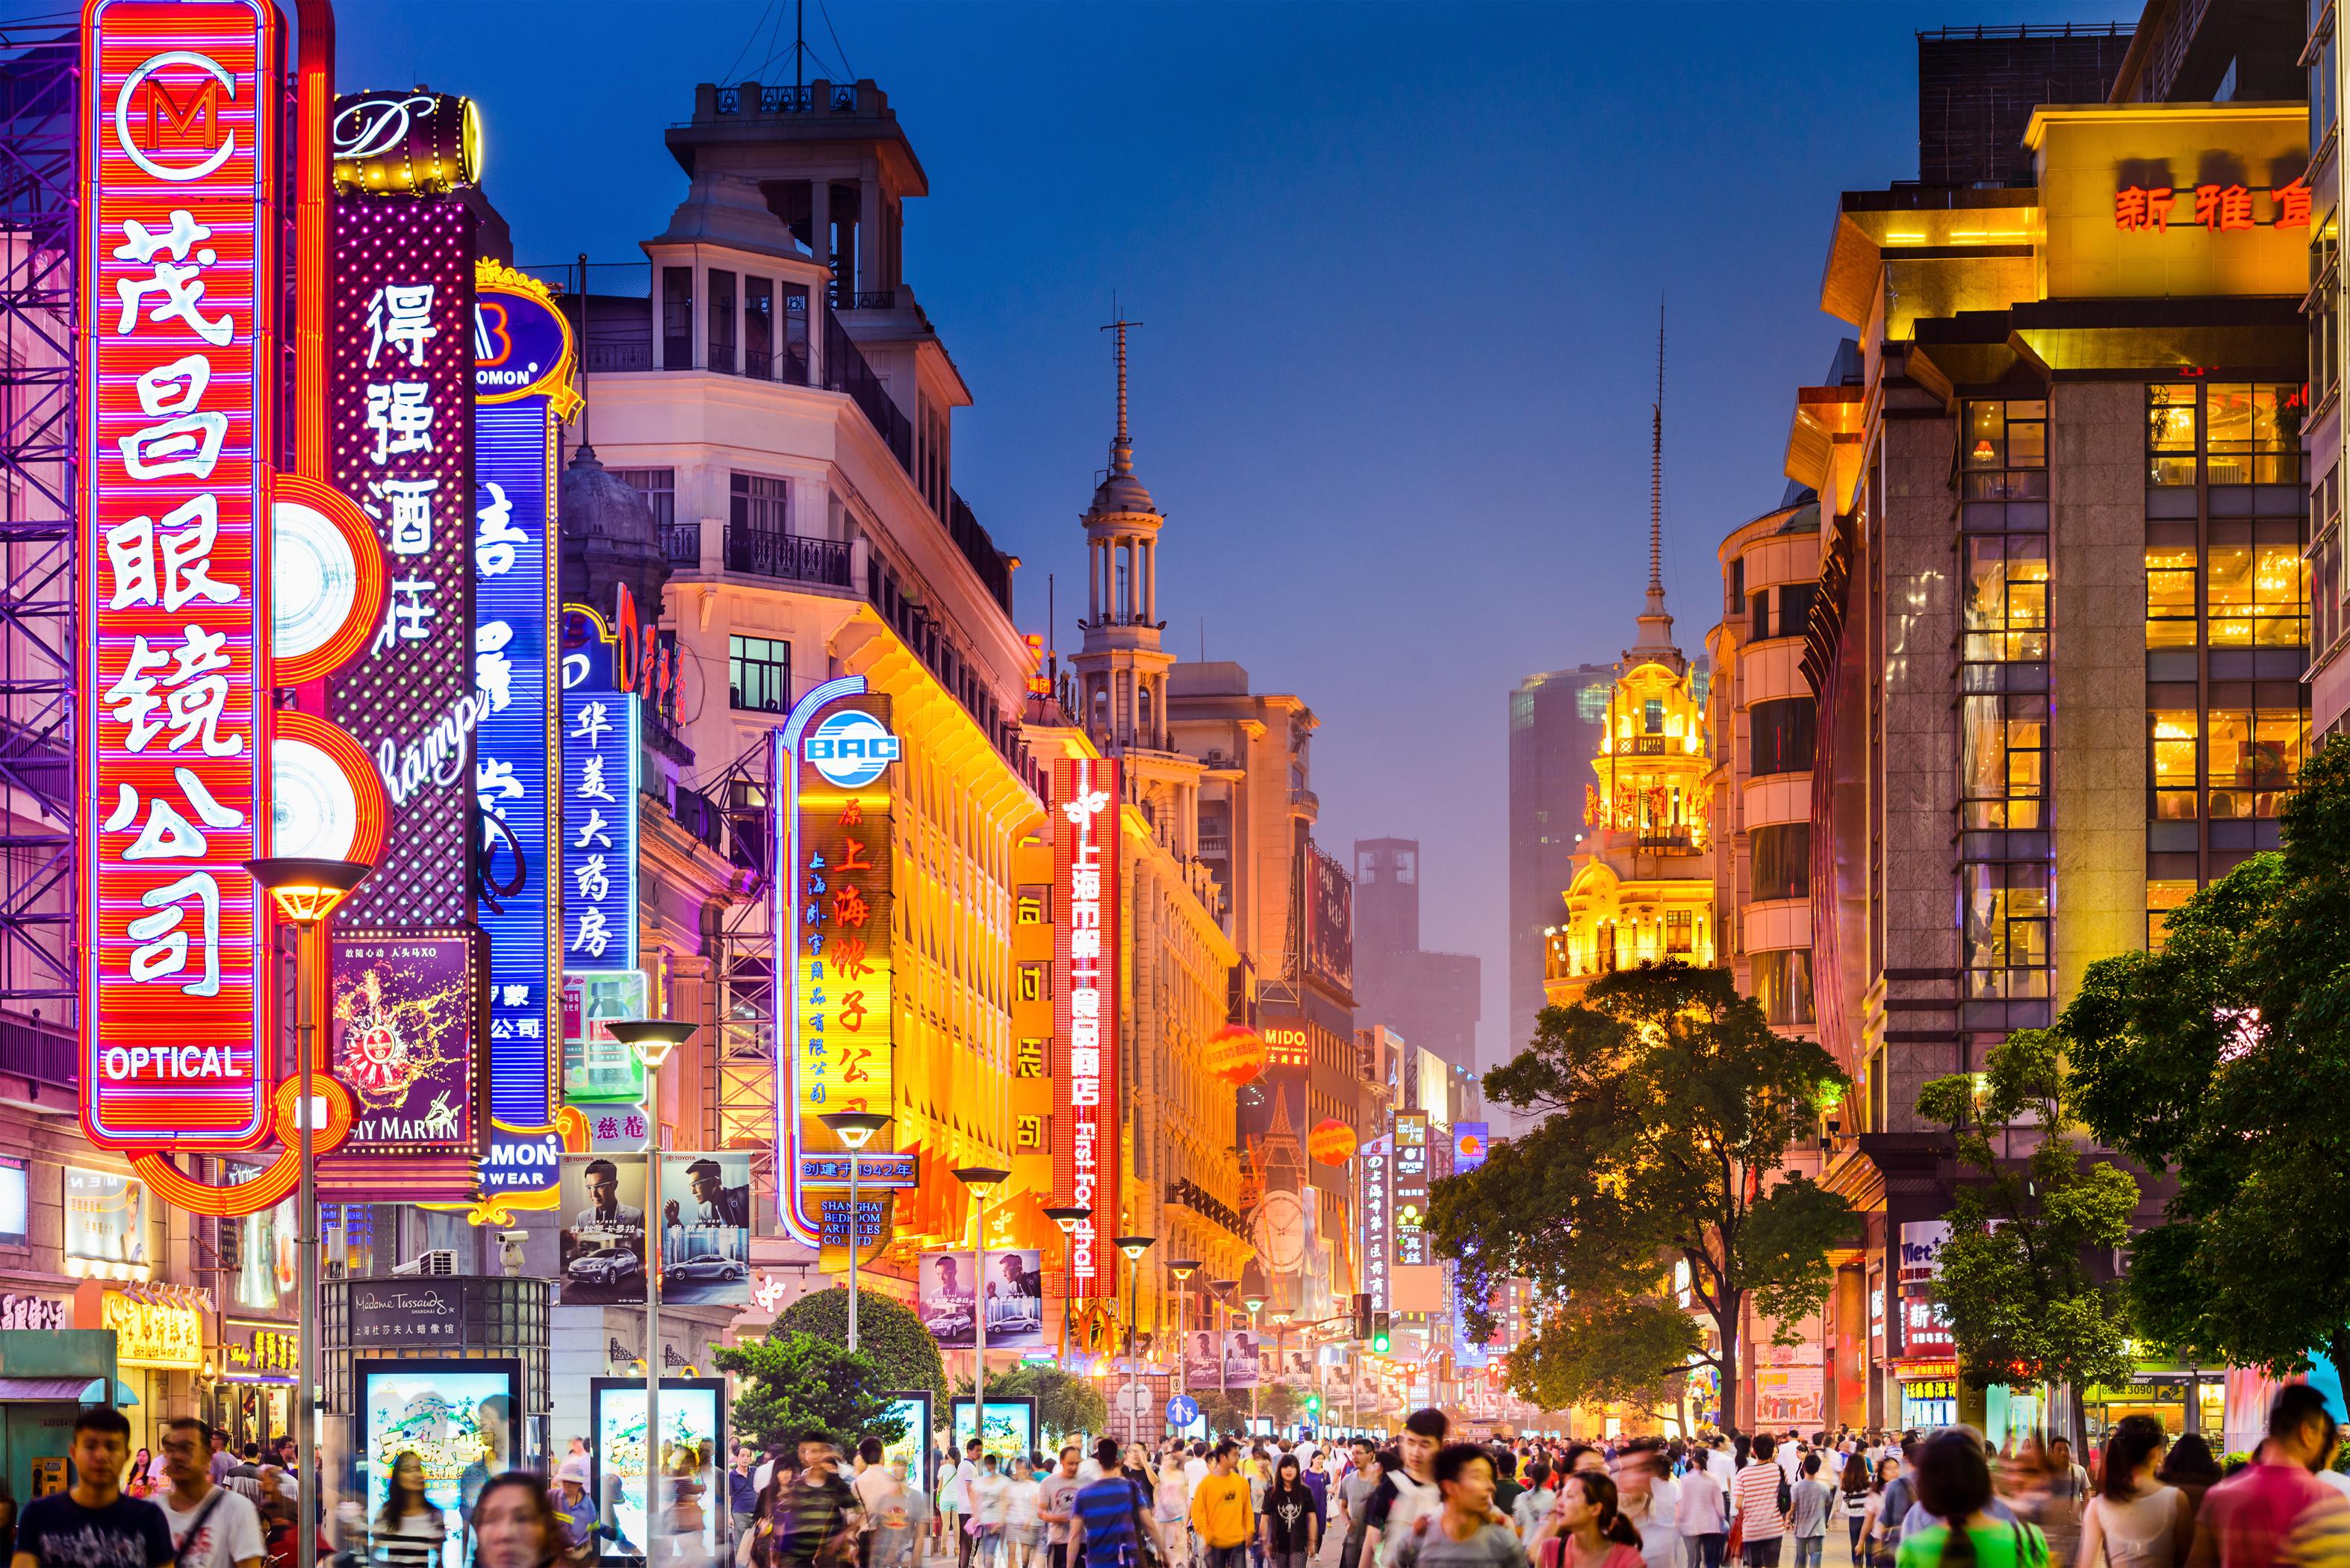 nanjing nam kinh walking street